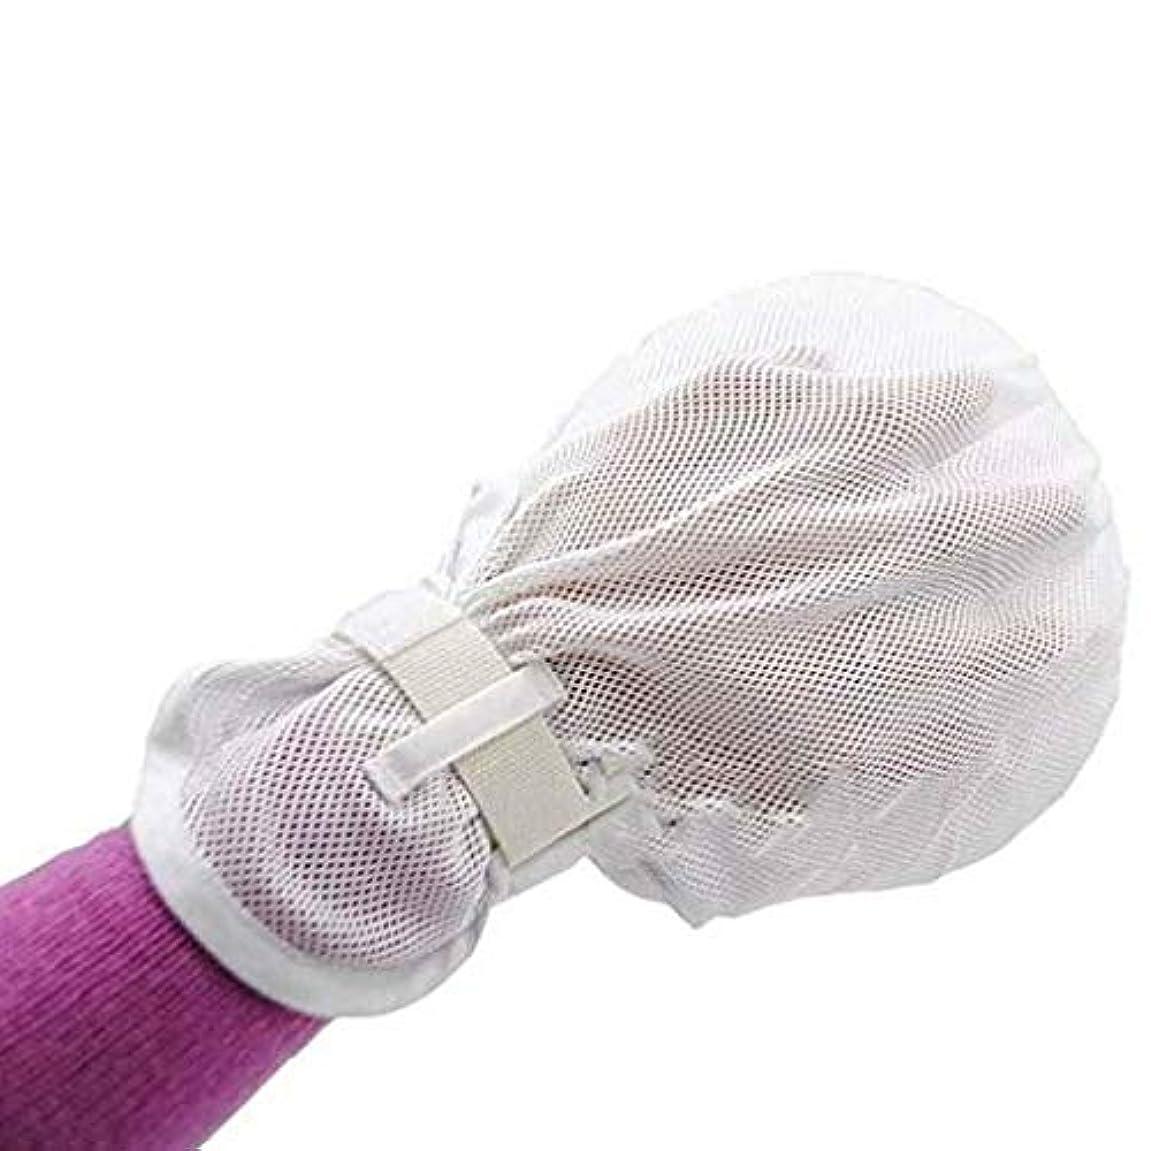 プロペラありふれた著名なフィンガーコントロールミット、手の感染防止用プロテクターミット医療用制限患者用ユニバーサルフィンガーハム固定手袋